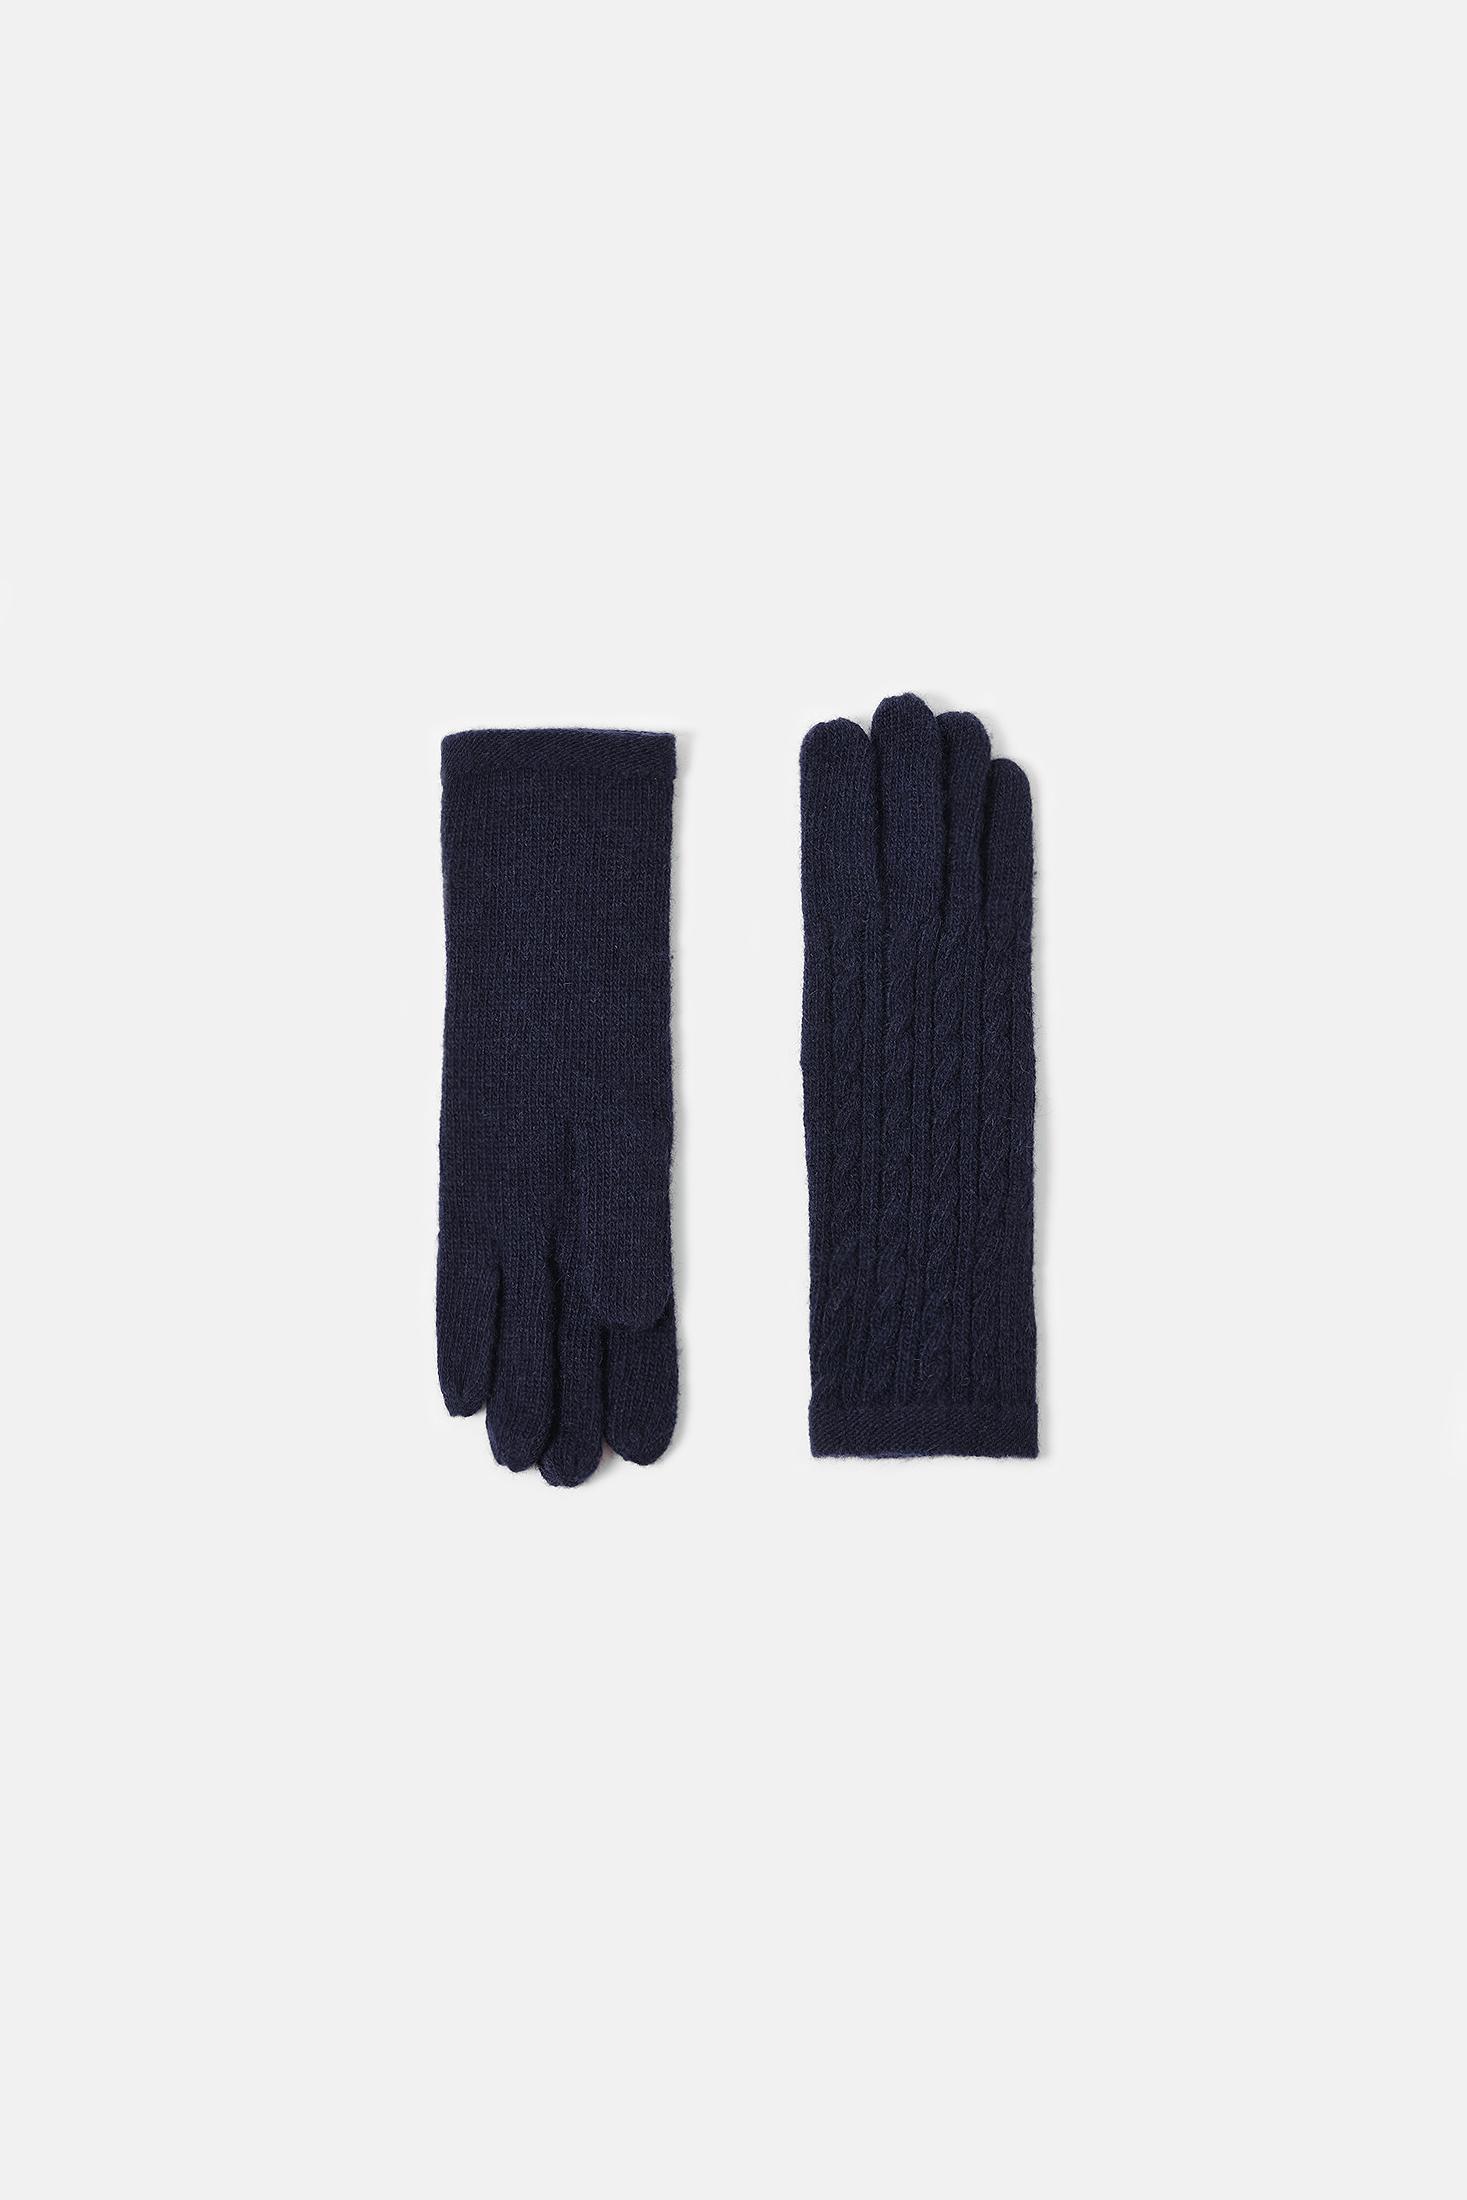 rękawiczki damskie dzianinowe TINAL